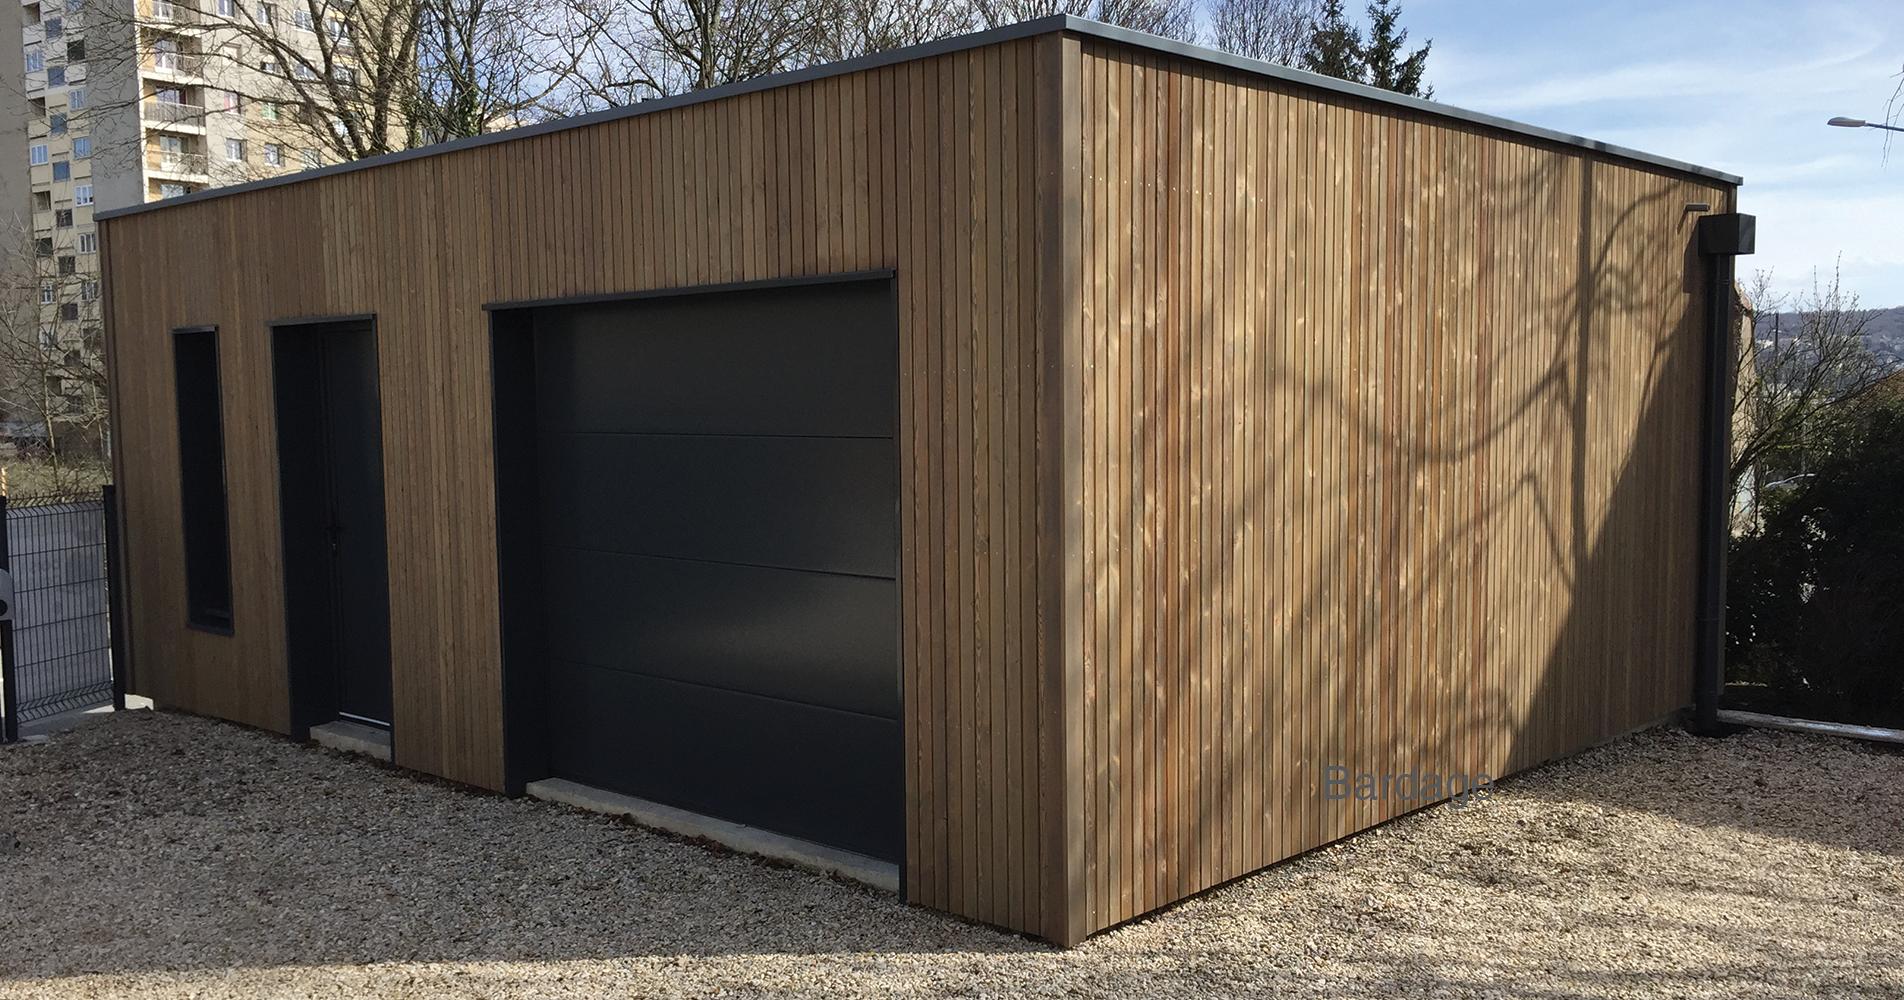 Bardages bois trait s satur s votre garage bois for Garage bois traite